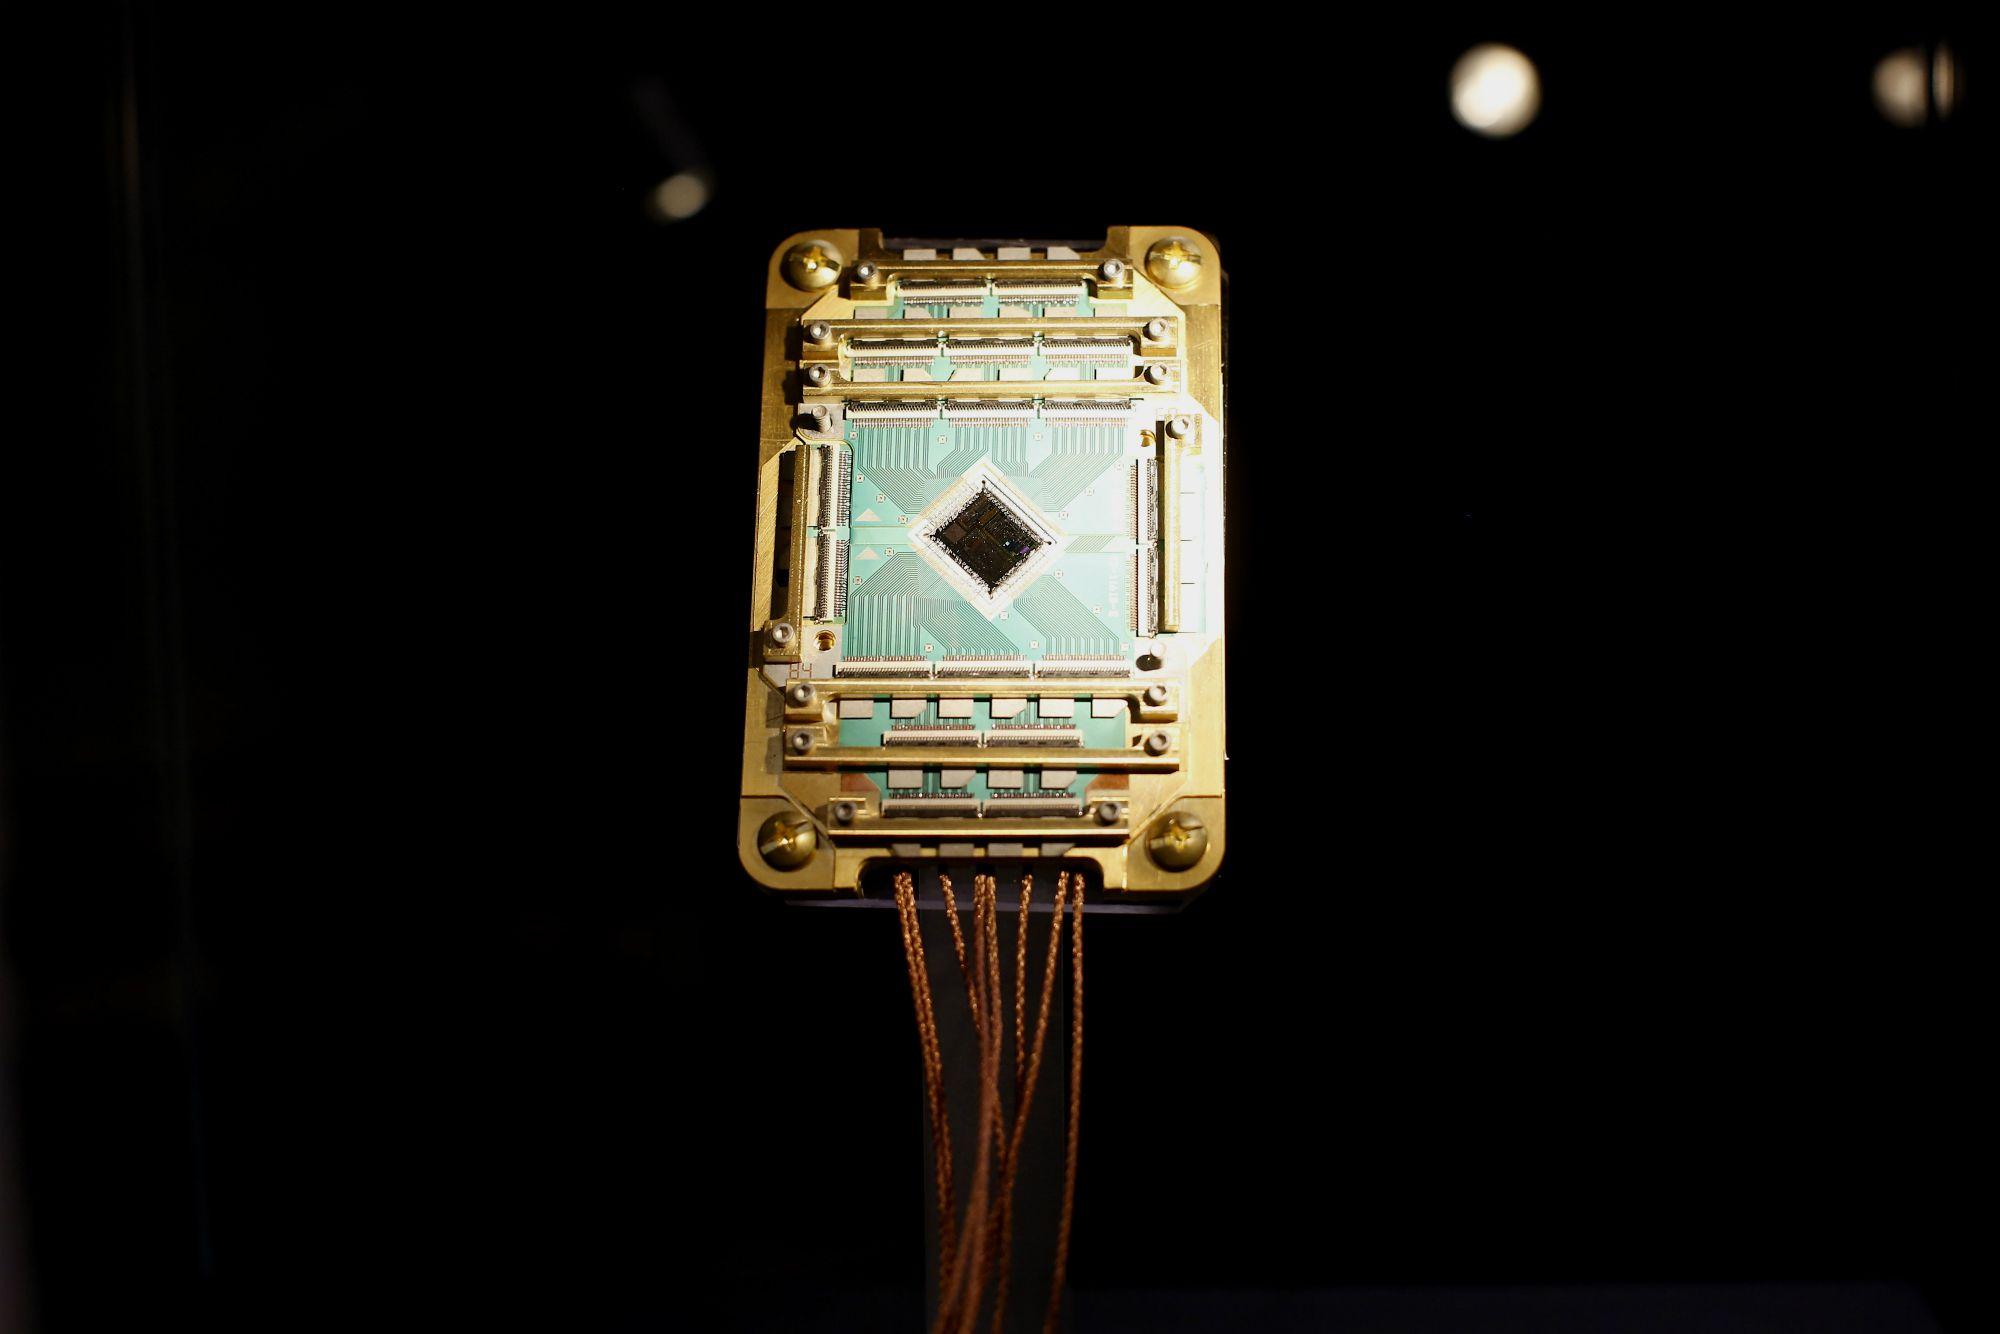 quantum computing computer d-wave EC